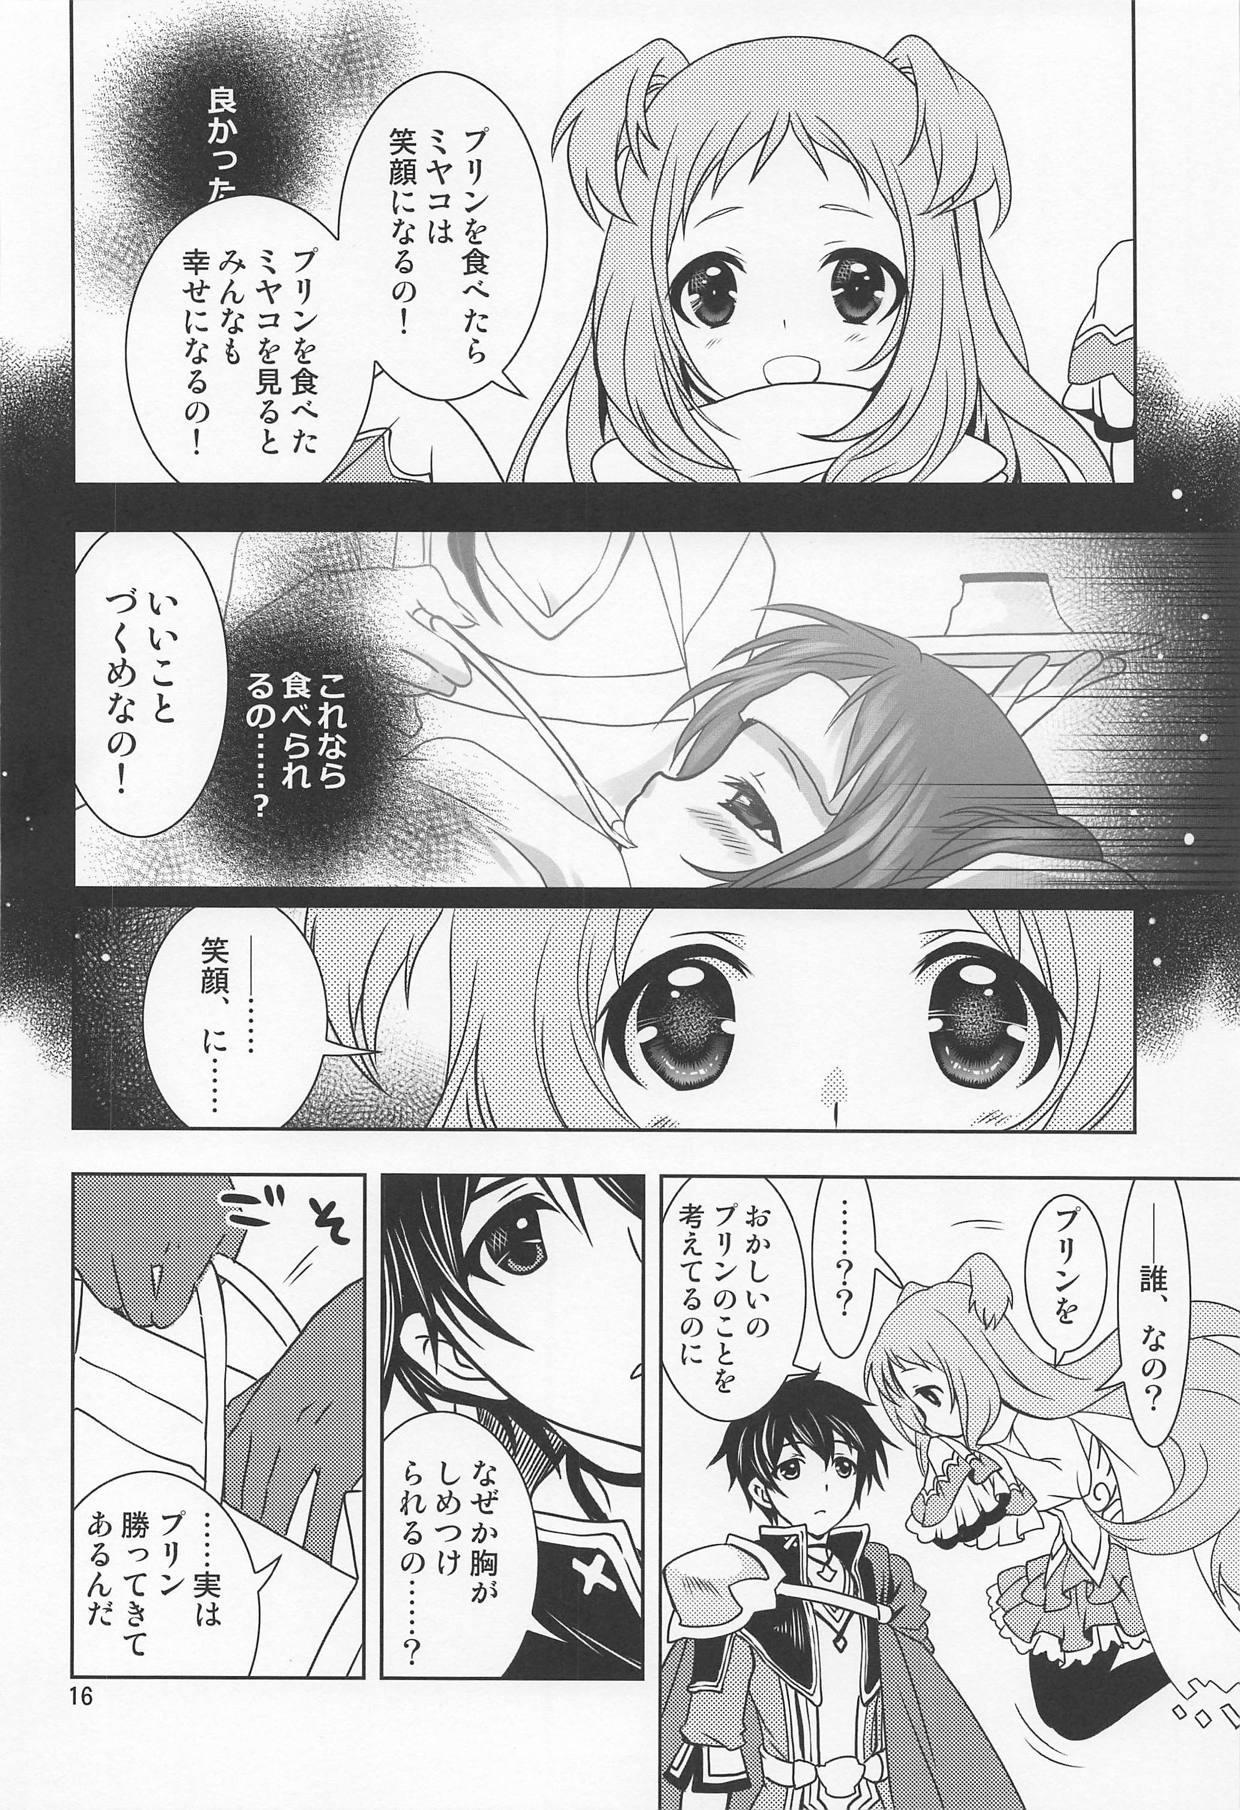 Aruji-sama ni Naisho no Memory Piece 14